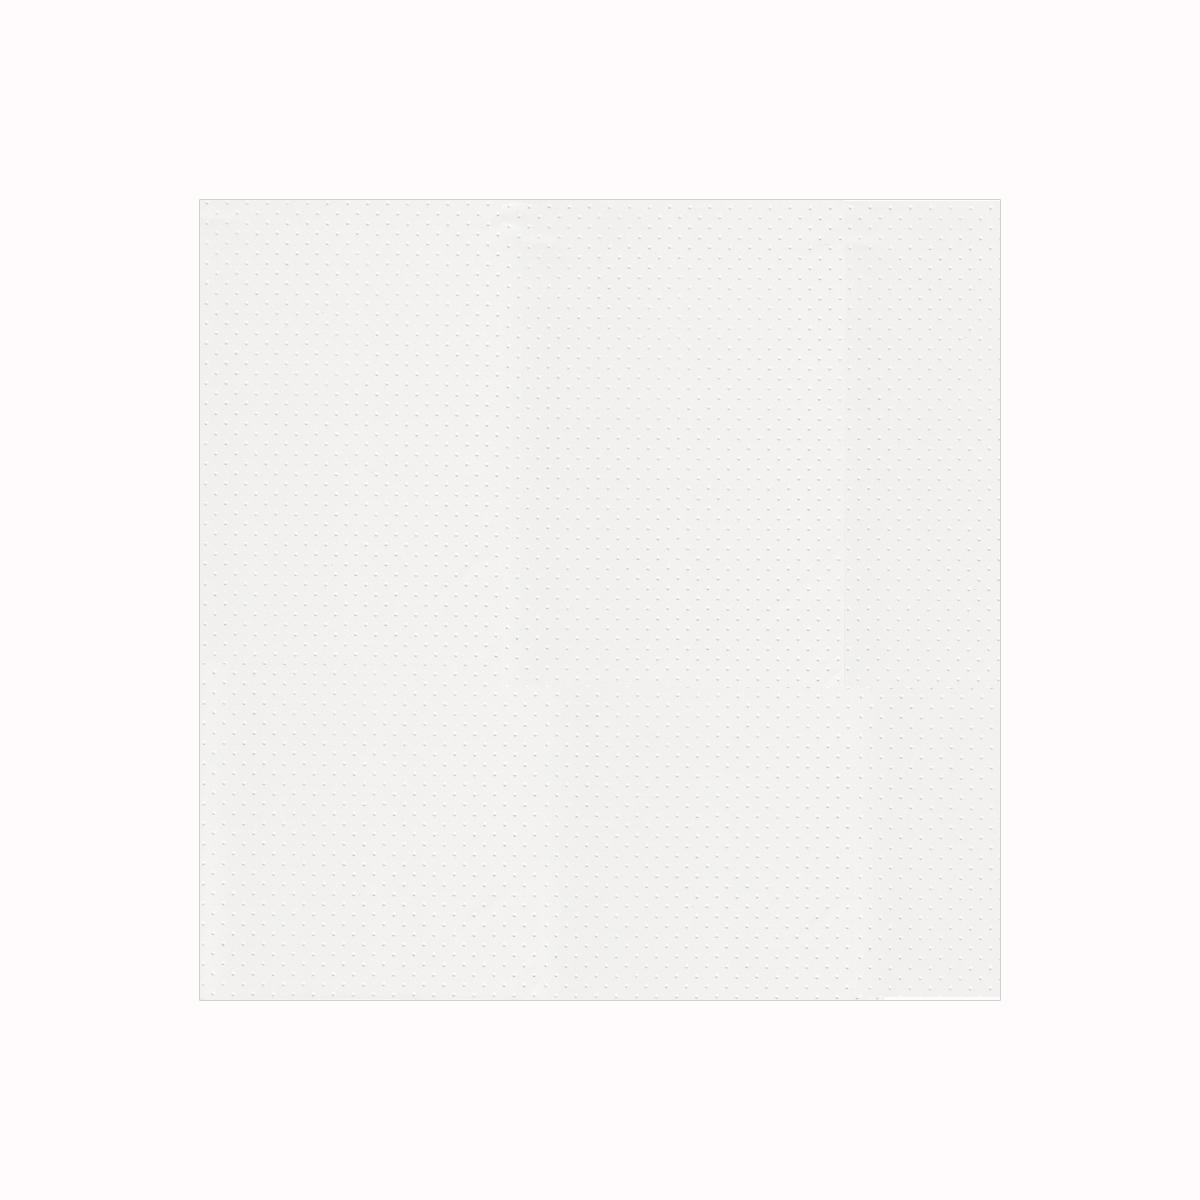 Бумага рельефная Лоза Точки, цвет: белый, 3 листаSS 4041Рельефная бумага для скрапбукинга Лоза Точки позволит создать красивый альбом, фоторамку или открытку ручной работы, оформить подарок или аппликацию. Набор включает в себя 3 листа из плотной бумаги.Скрапбукинг - это хобби, которое способно приносить массу приятных эмоций не только человеку, который этим занимается, но и его близким, друзьям, родным. Это невероятно увлекательное занятие, которое поможет вам сохранить наиболее памятные и яркие моменты вашей жизни, а также интересно оформить интерьер дома.